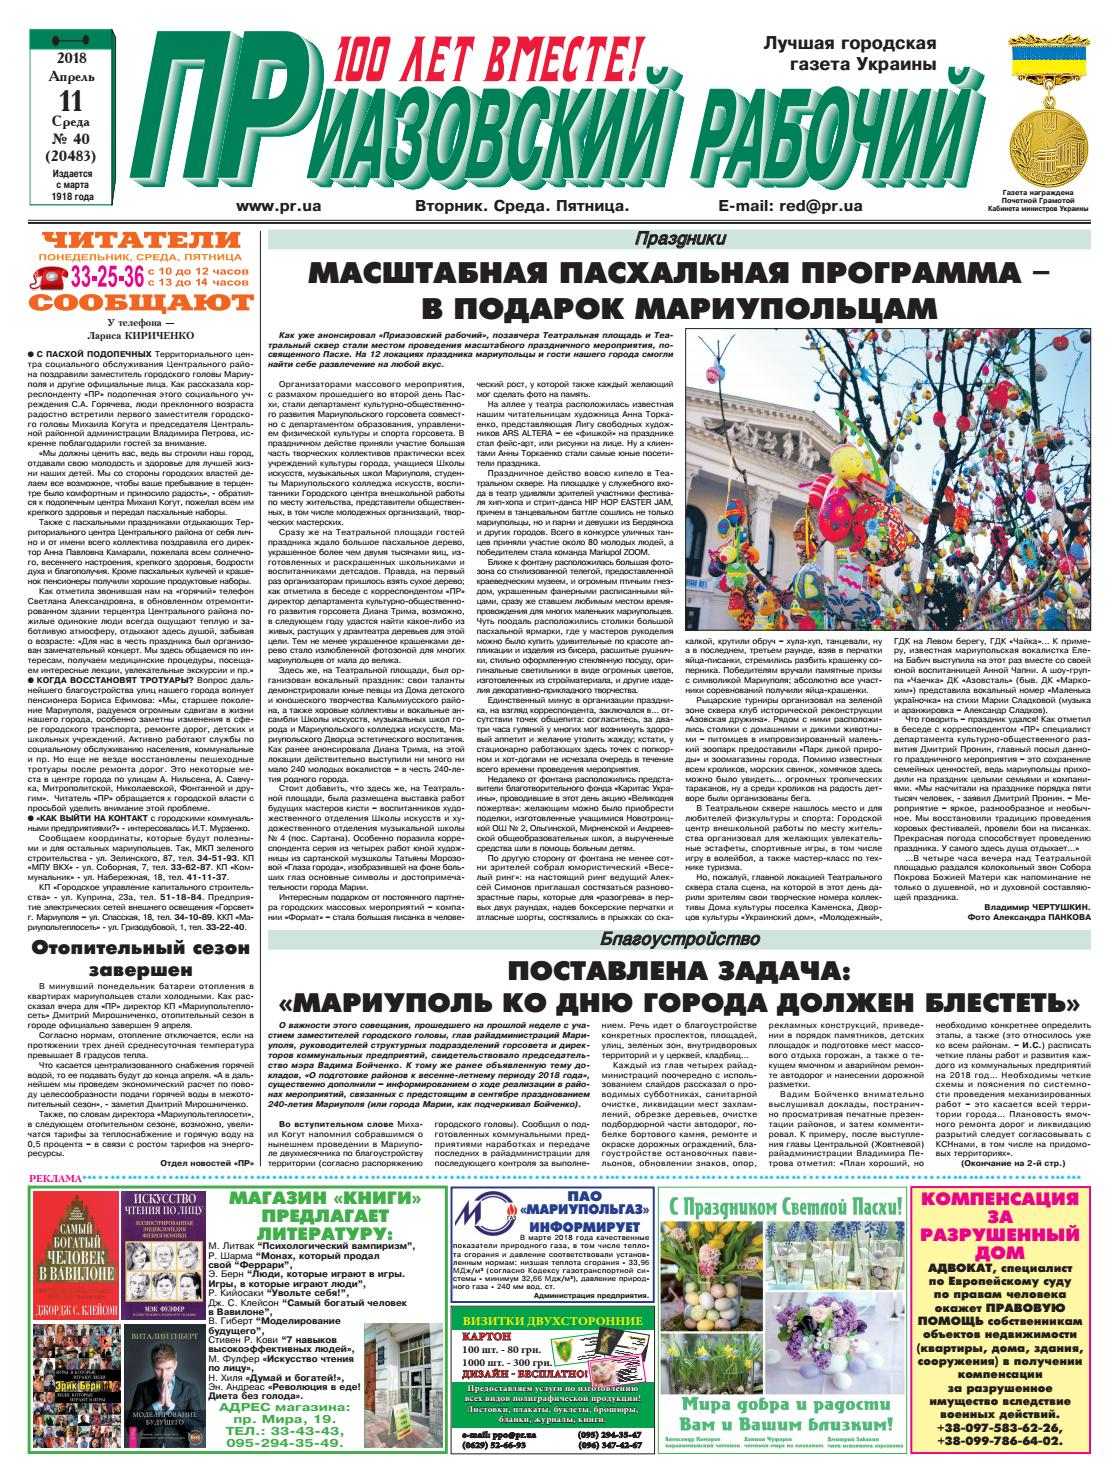 Мирошниченко: отмена матча с Олимпиком — правильное решение